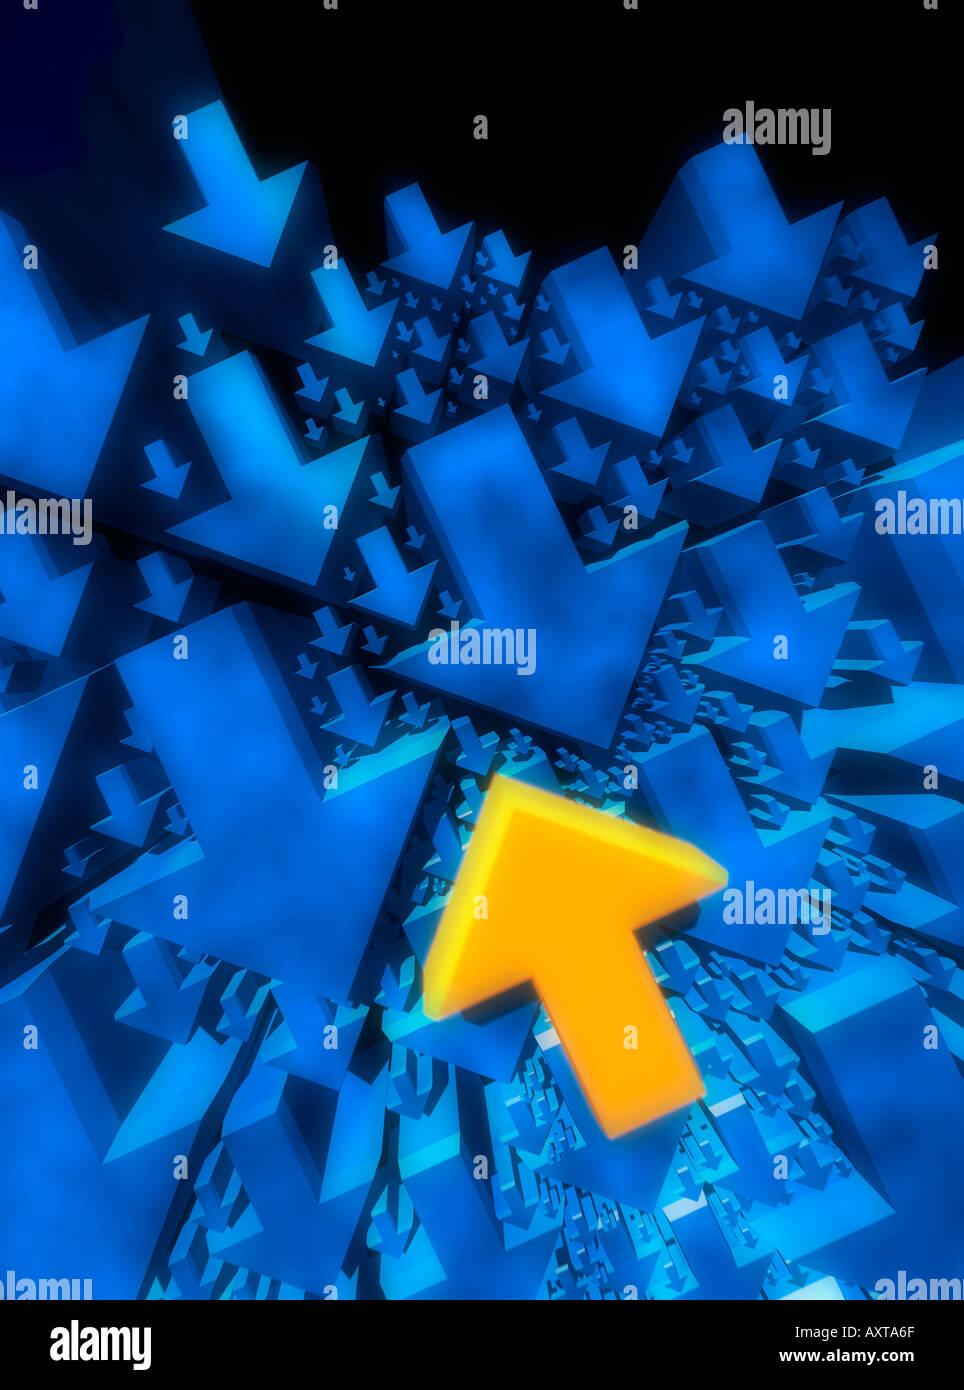 Schwimmen gegen den Strom blaue und gelbe Pfeile auf schwarzem Hintergrund Stockbild